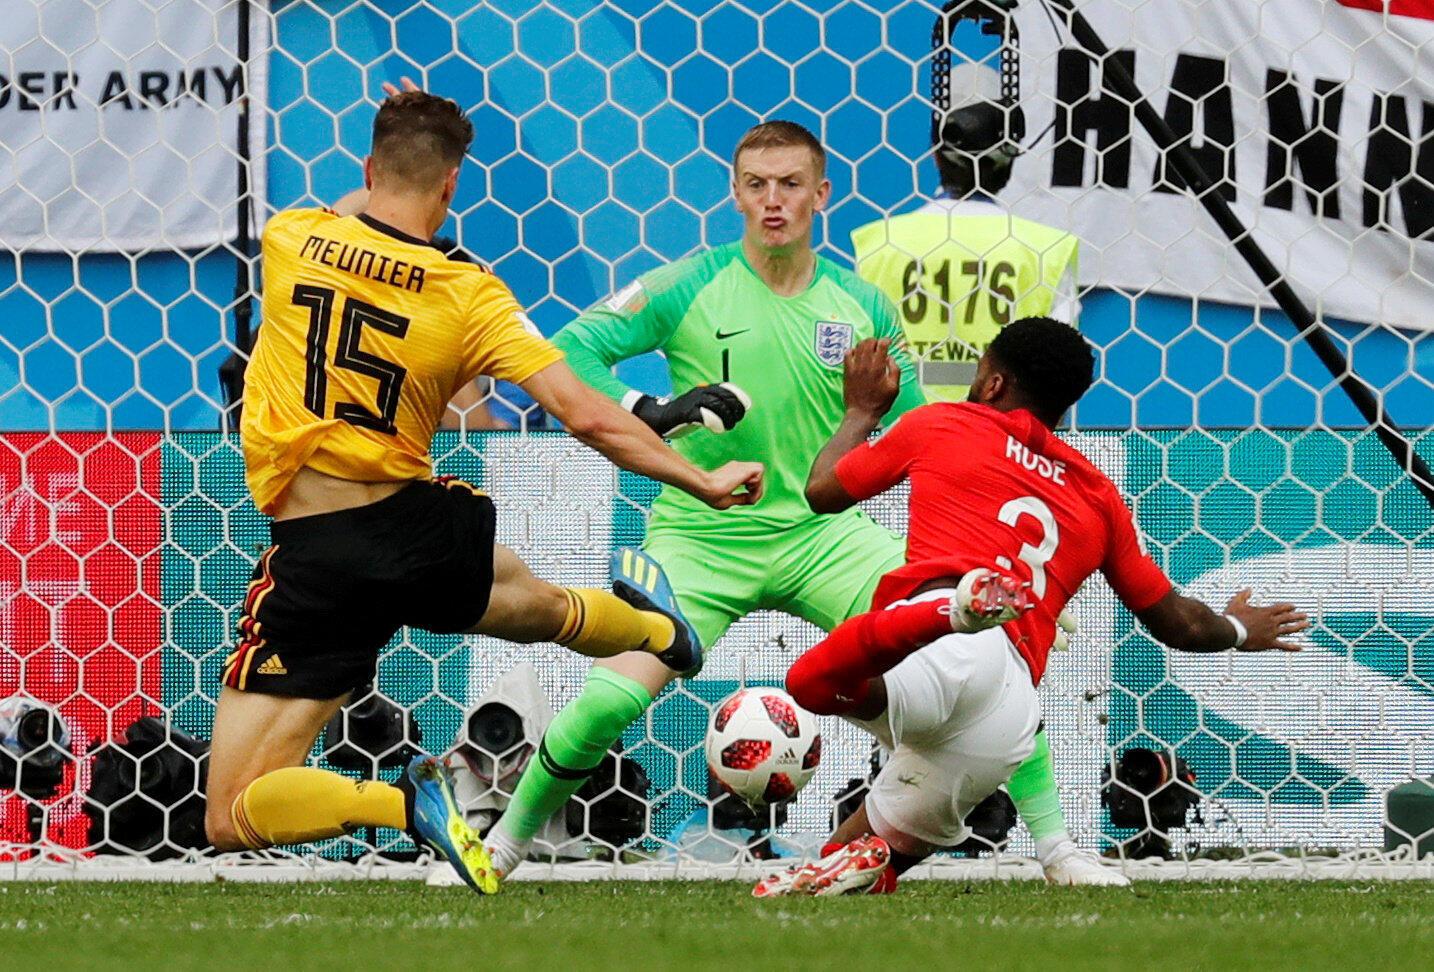 En el minuto 82, Eden Hazard amplió el marcador a favor de su equipo, tras un pase filtrado con precisión por Kevin De Bruyne. El 10 belga consiguió el segundo tanto que dio la victoria y el tercer puesto a su selección el Rusia 2018.